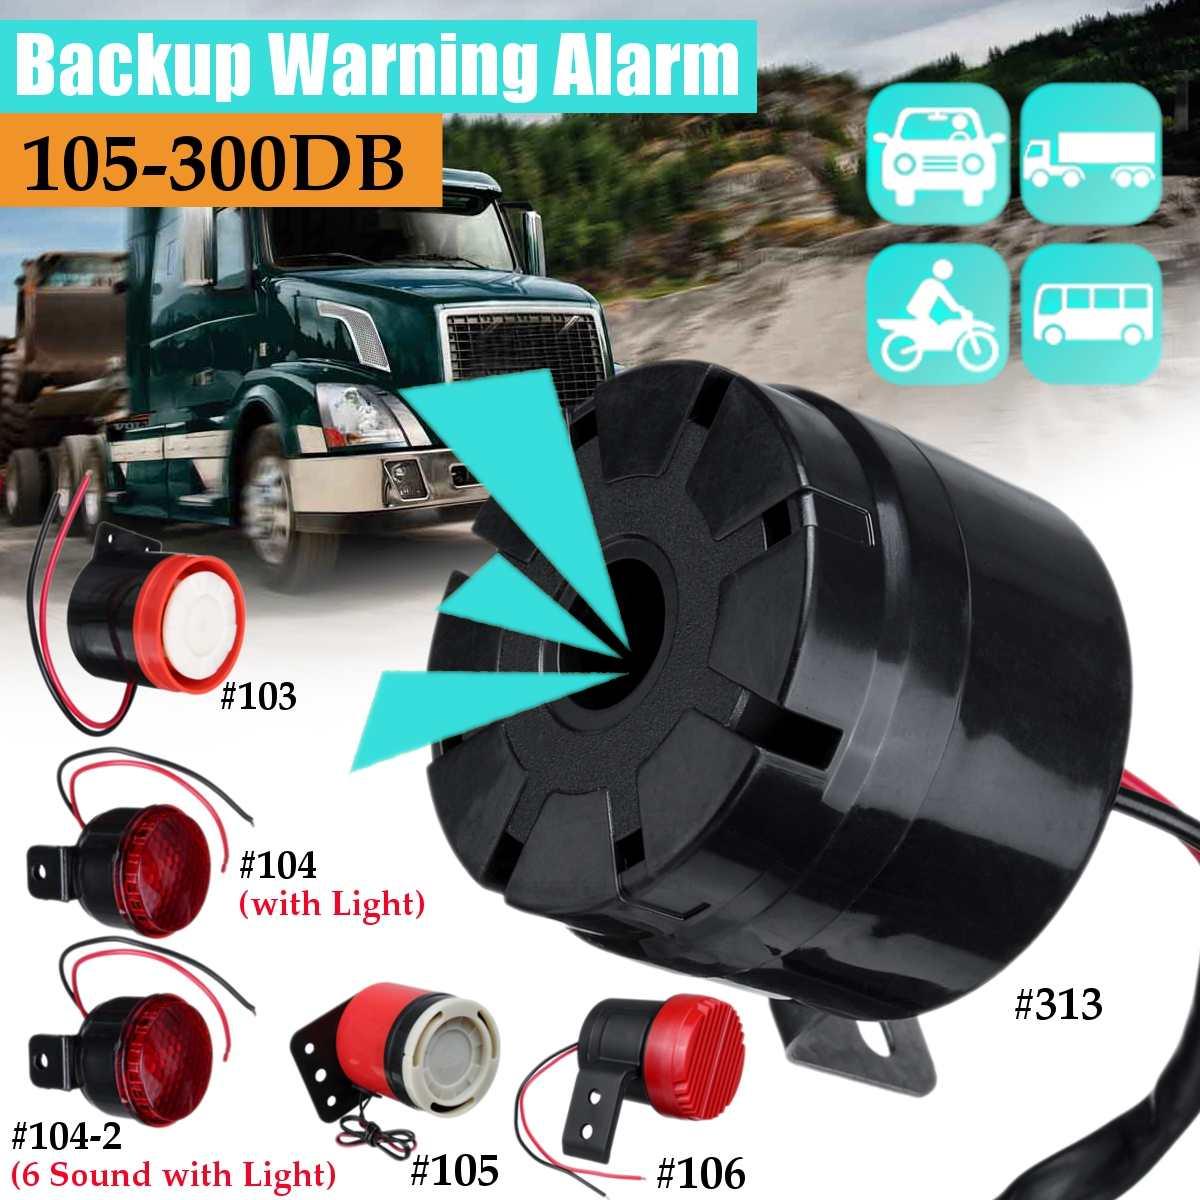 Резервная сигнализация заднего хода, дБ, супер-сигнал, громкий сигнал, автомобильный сигнал, для мотоциклов, автомобилей, грузовиков